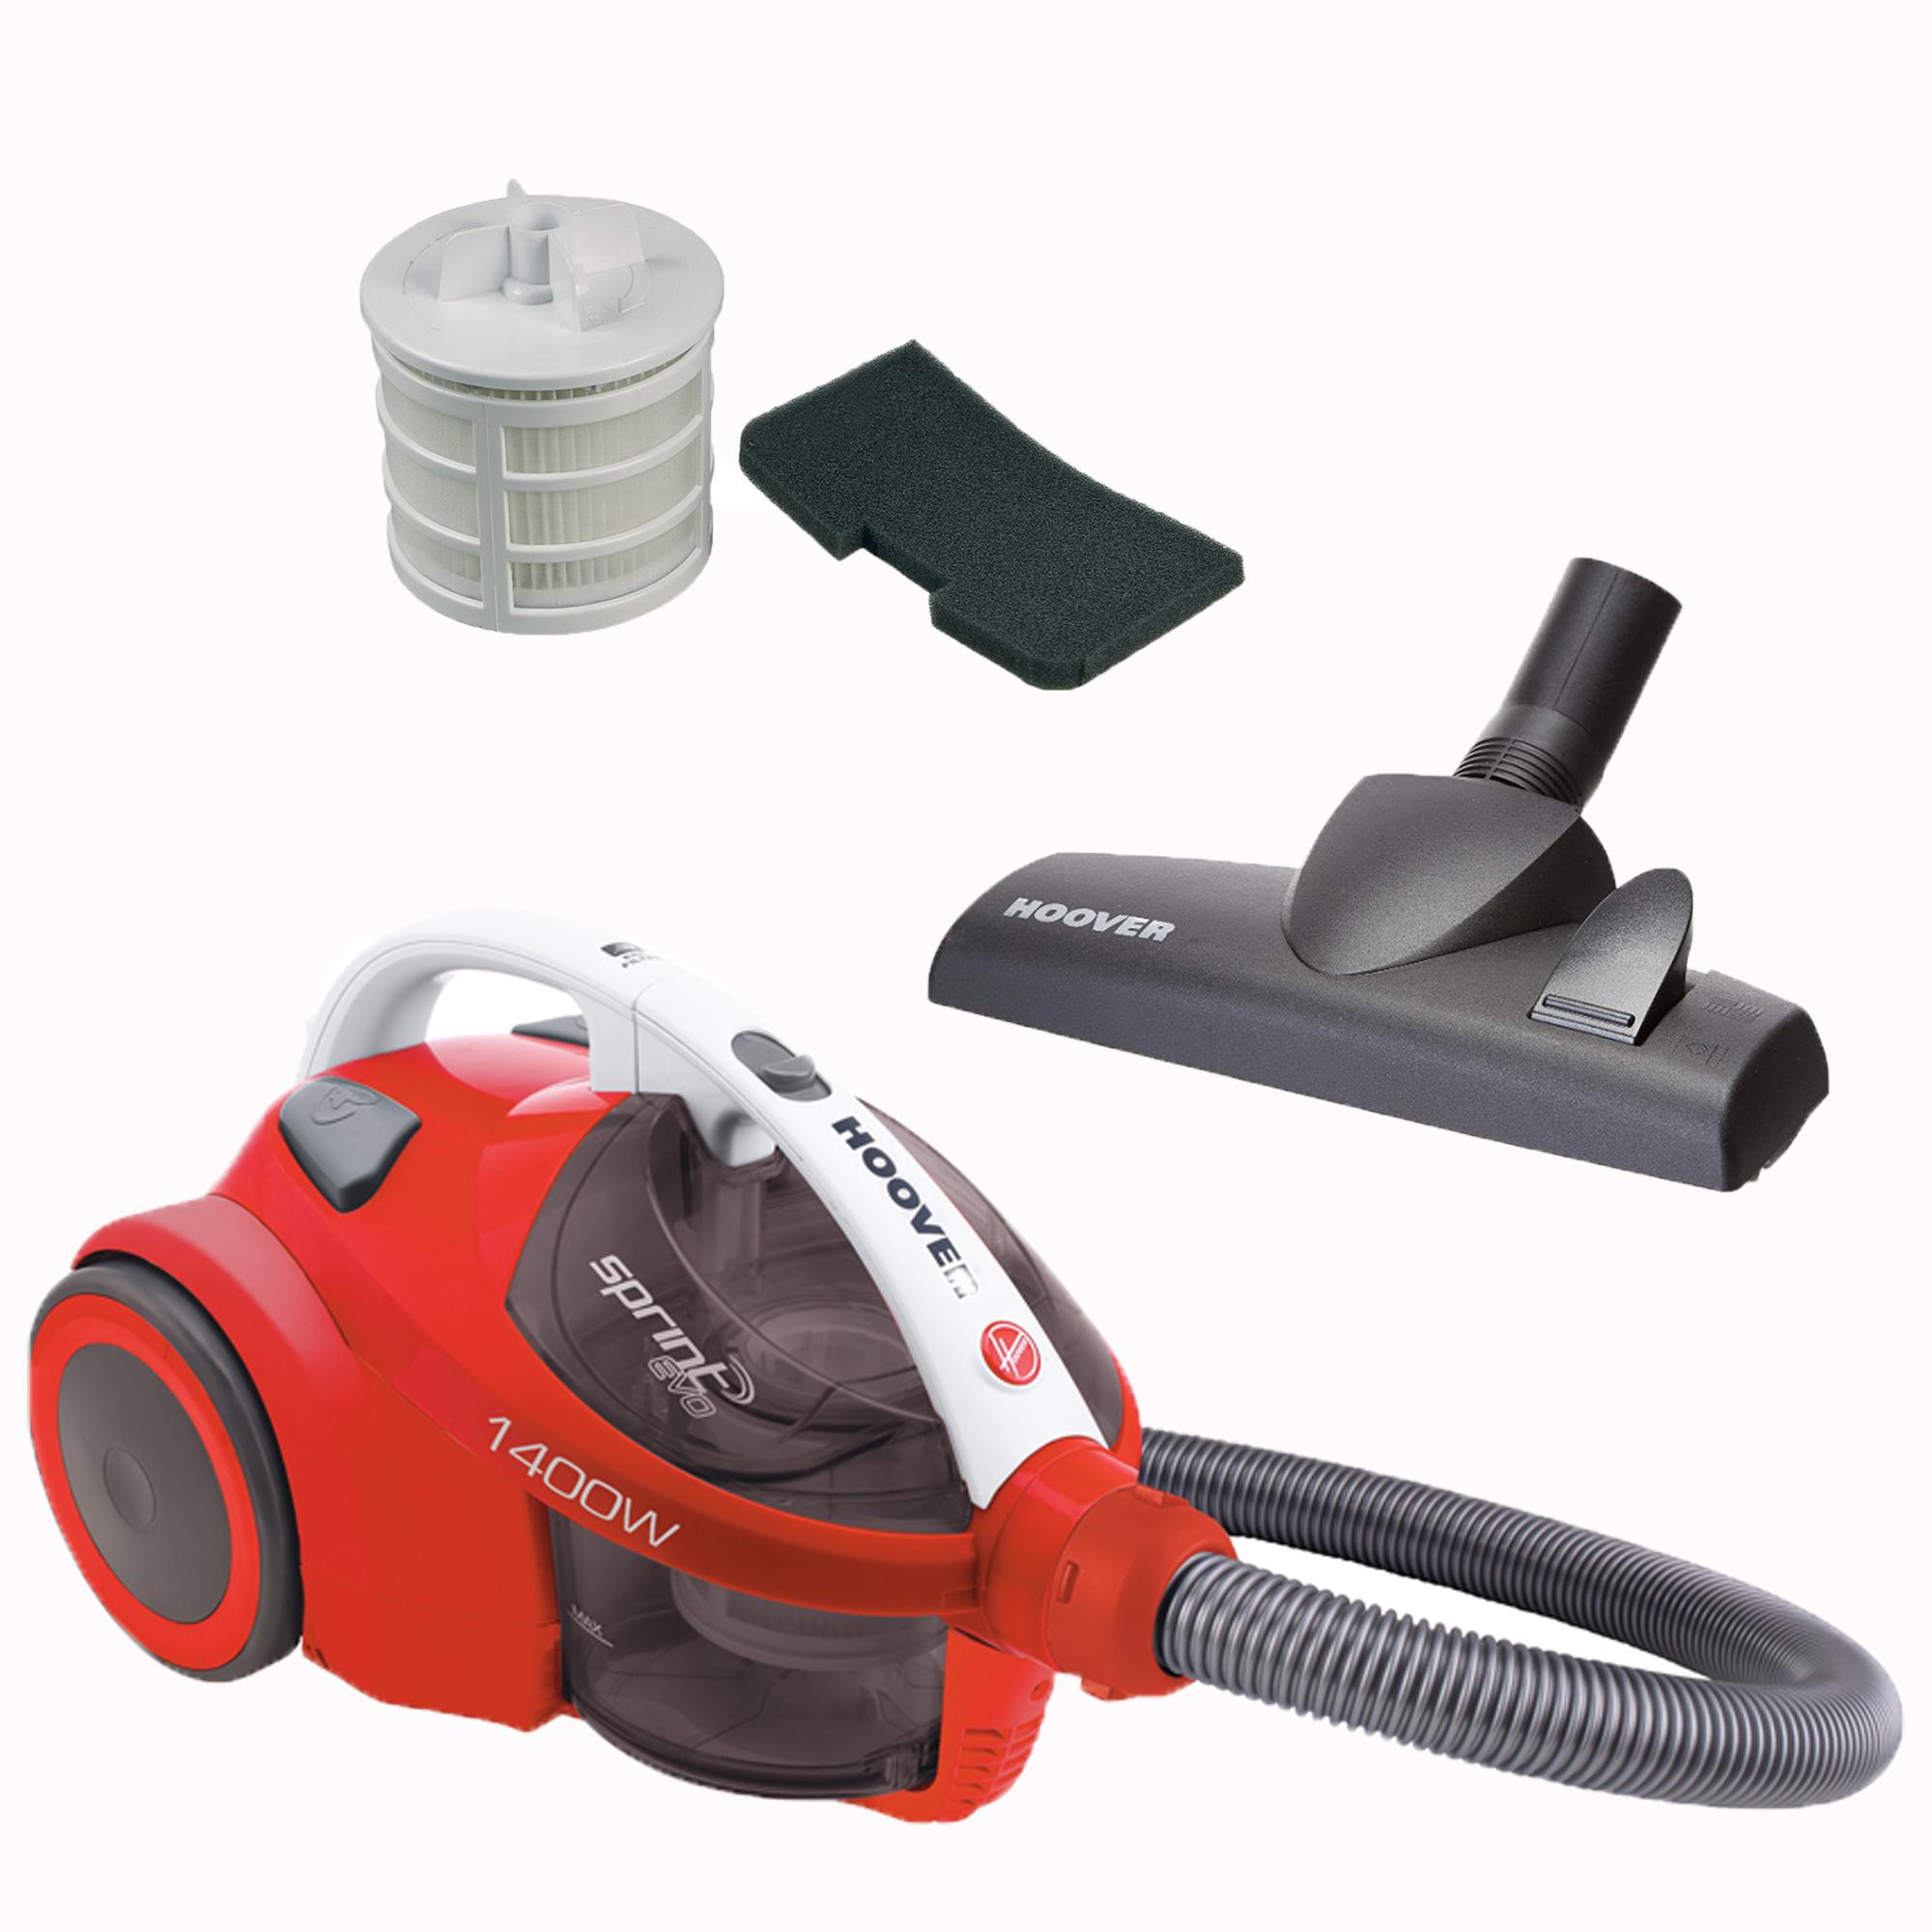 Комплекты подготовка Контейнерный пылесос Sprint Evo TSBE1401 019 + аксессуары